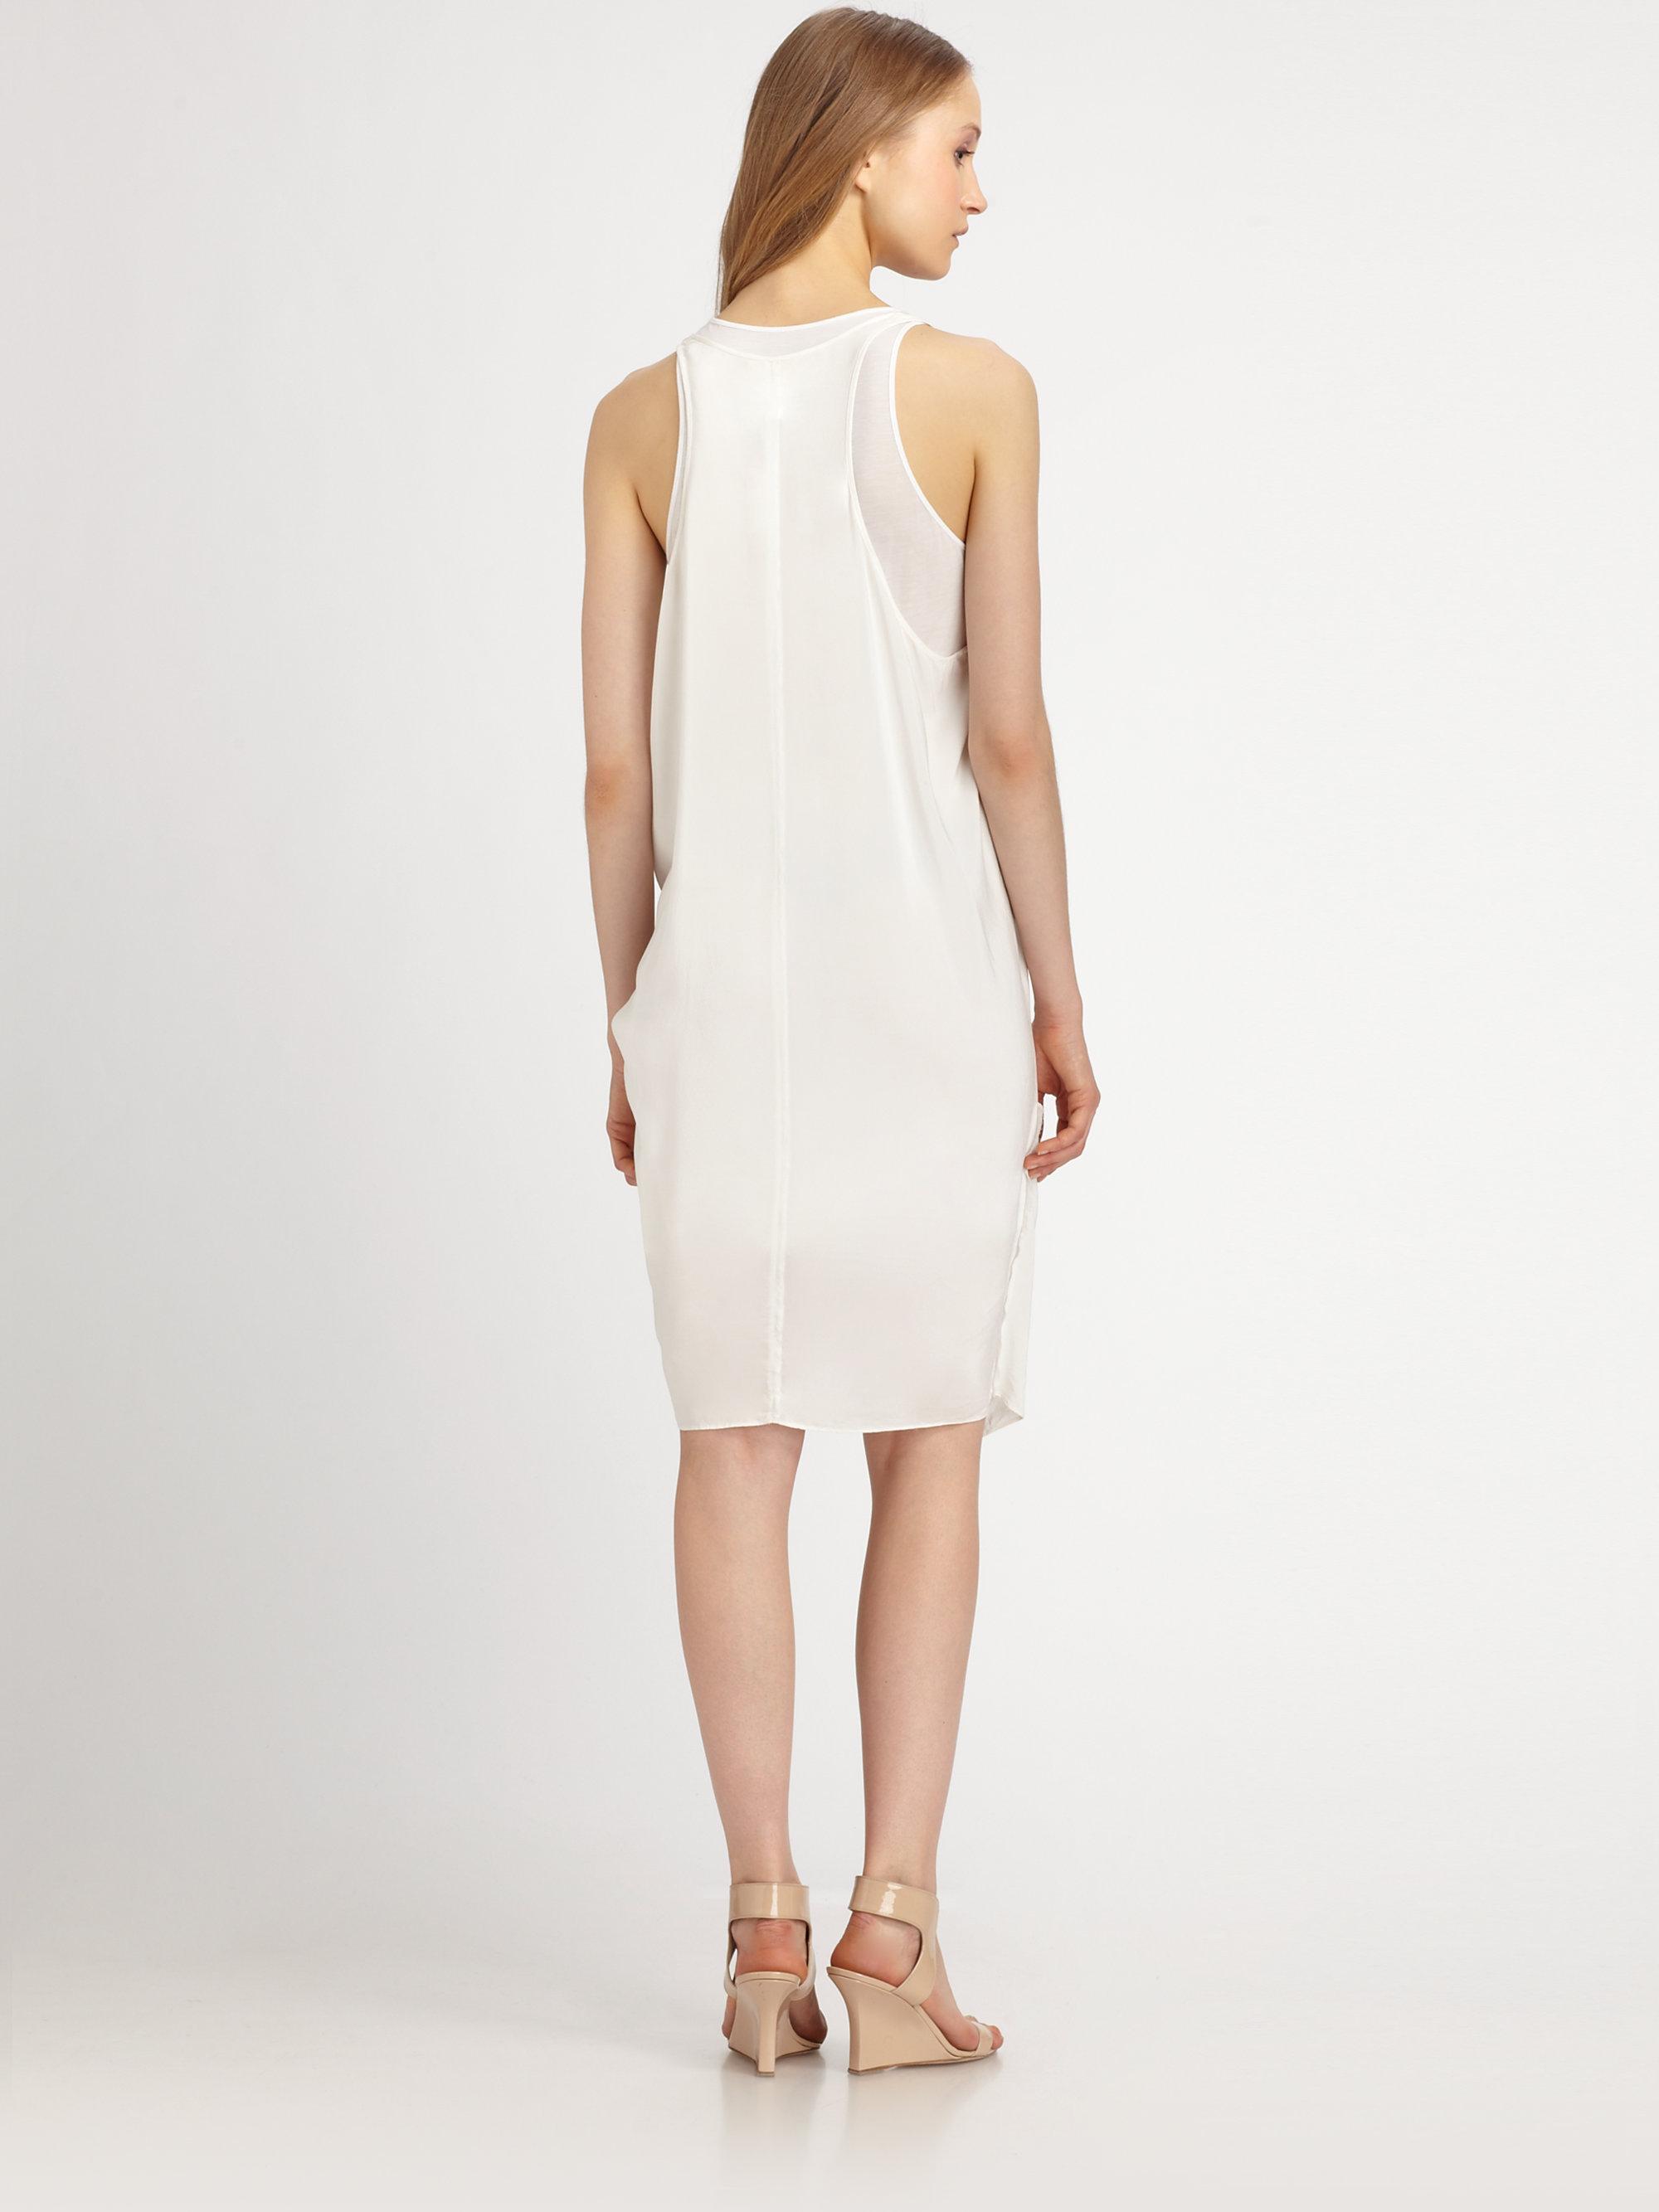 White Racerback Tank Dress